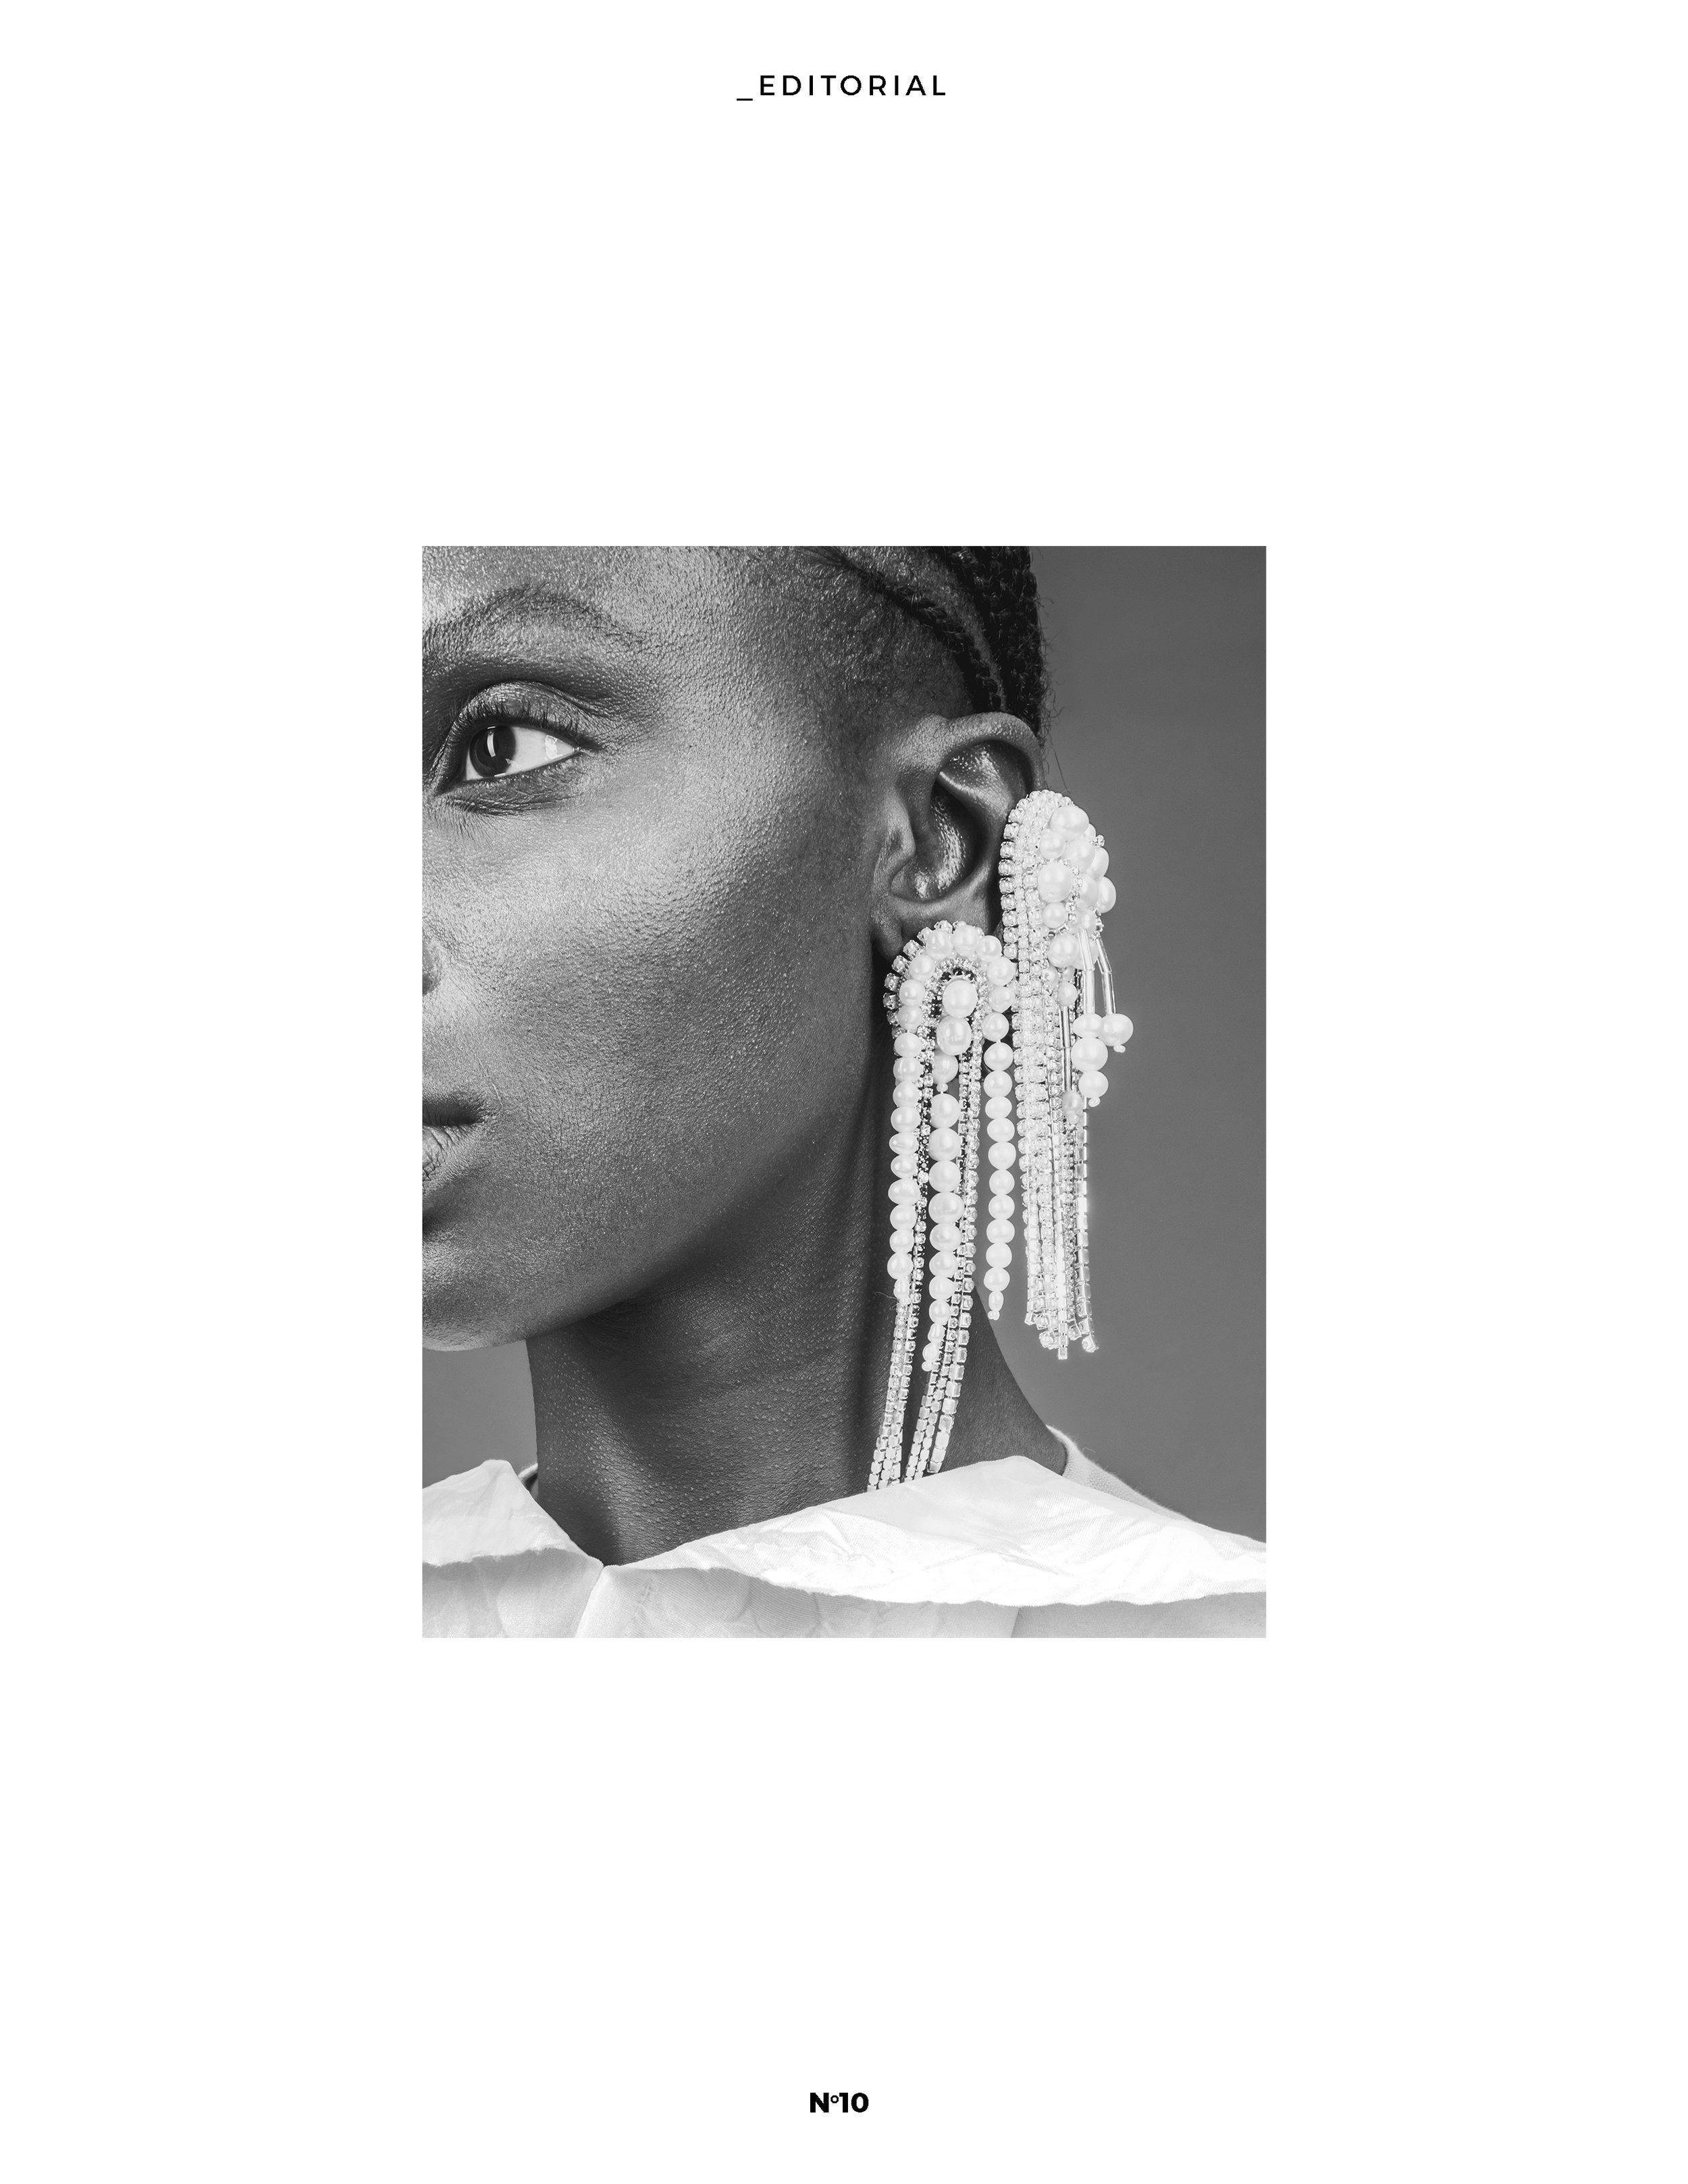 lada legina pearls earrings editorial N10.jpg